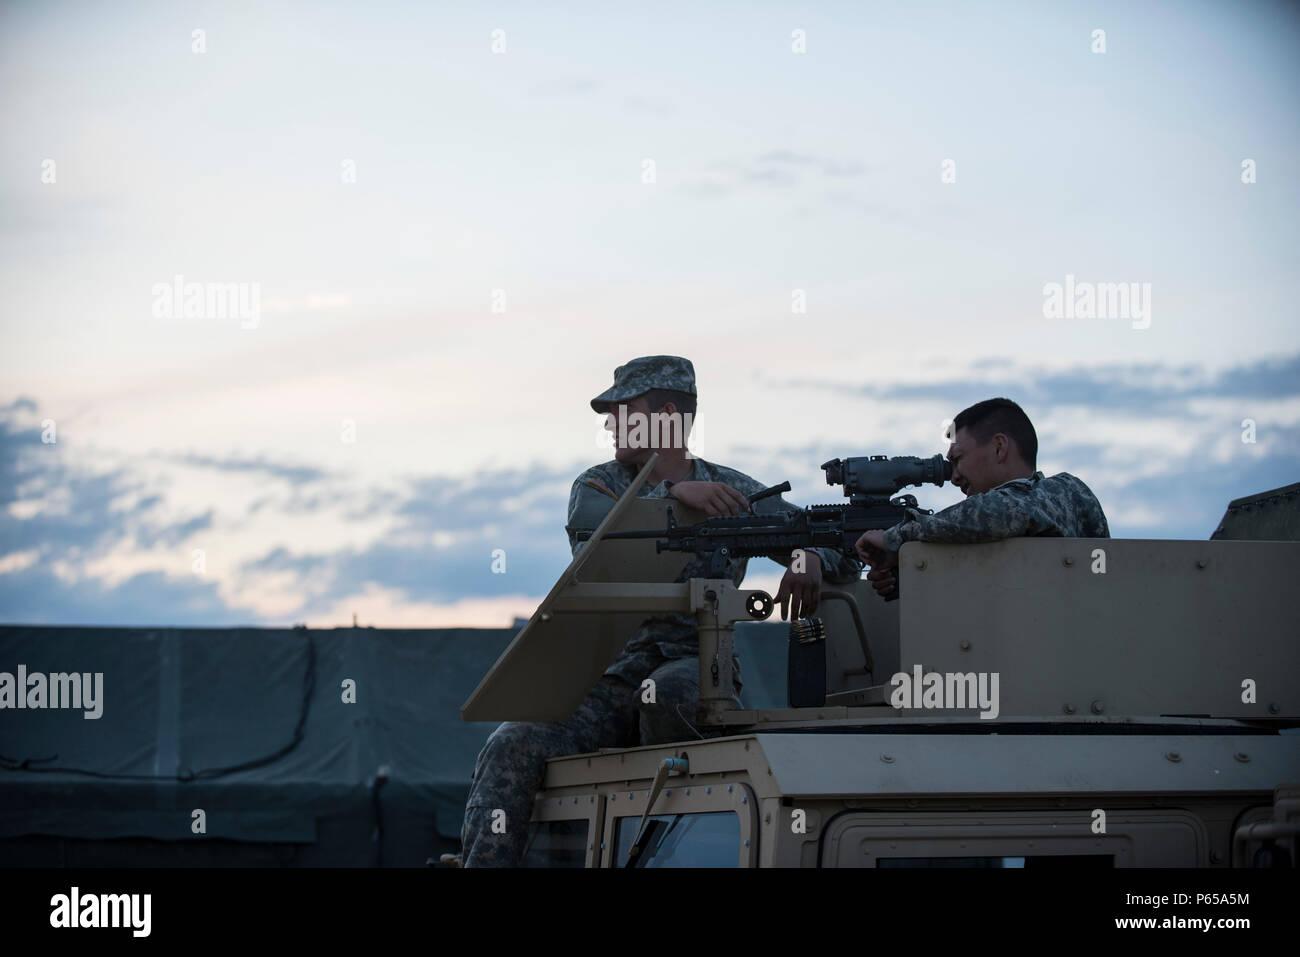 Tolle Militär Flagge Rahmen Fotos - Rahmen Ideen - markjohnsonshow.info